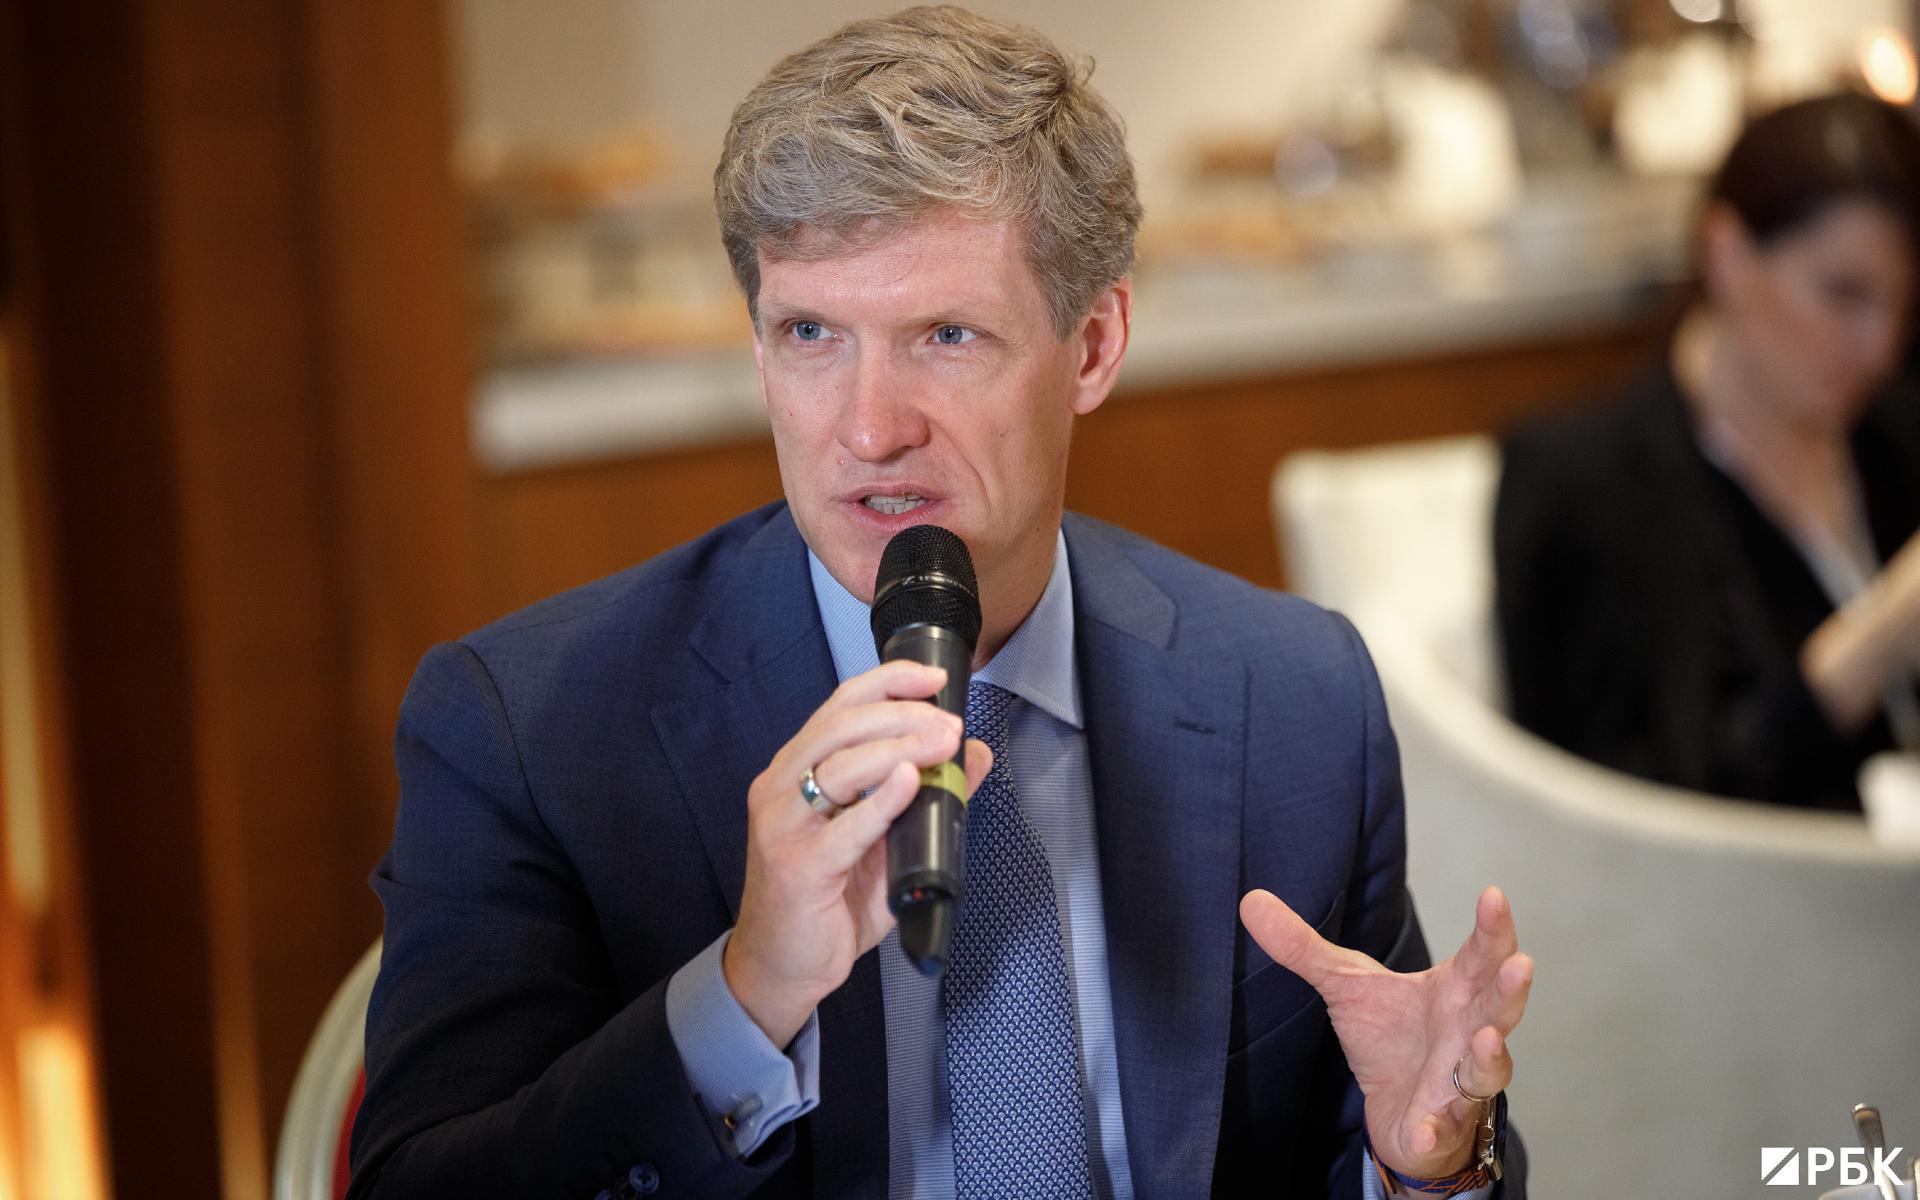 Сергей Рябокобылко, управляющий партнер, генеральный директор Cushman & Wakefield